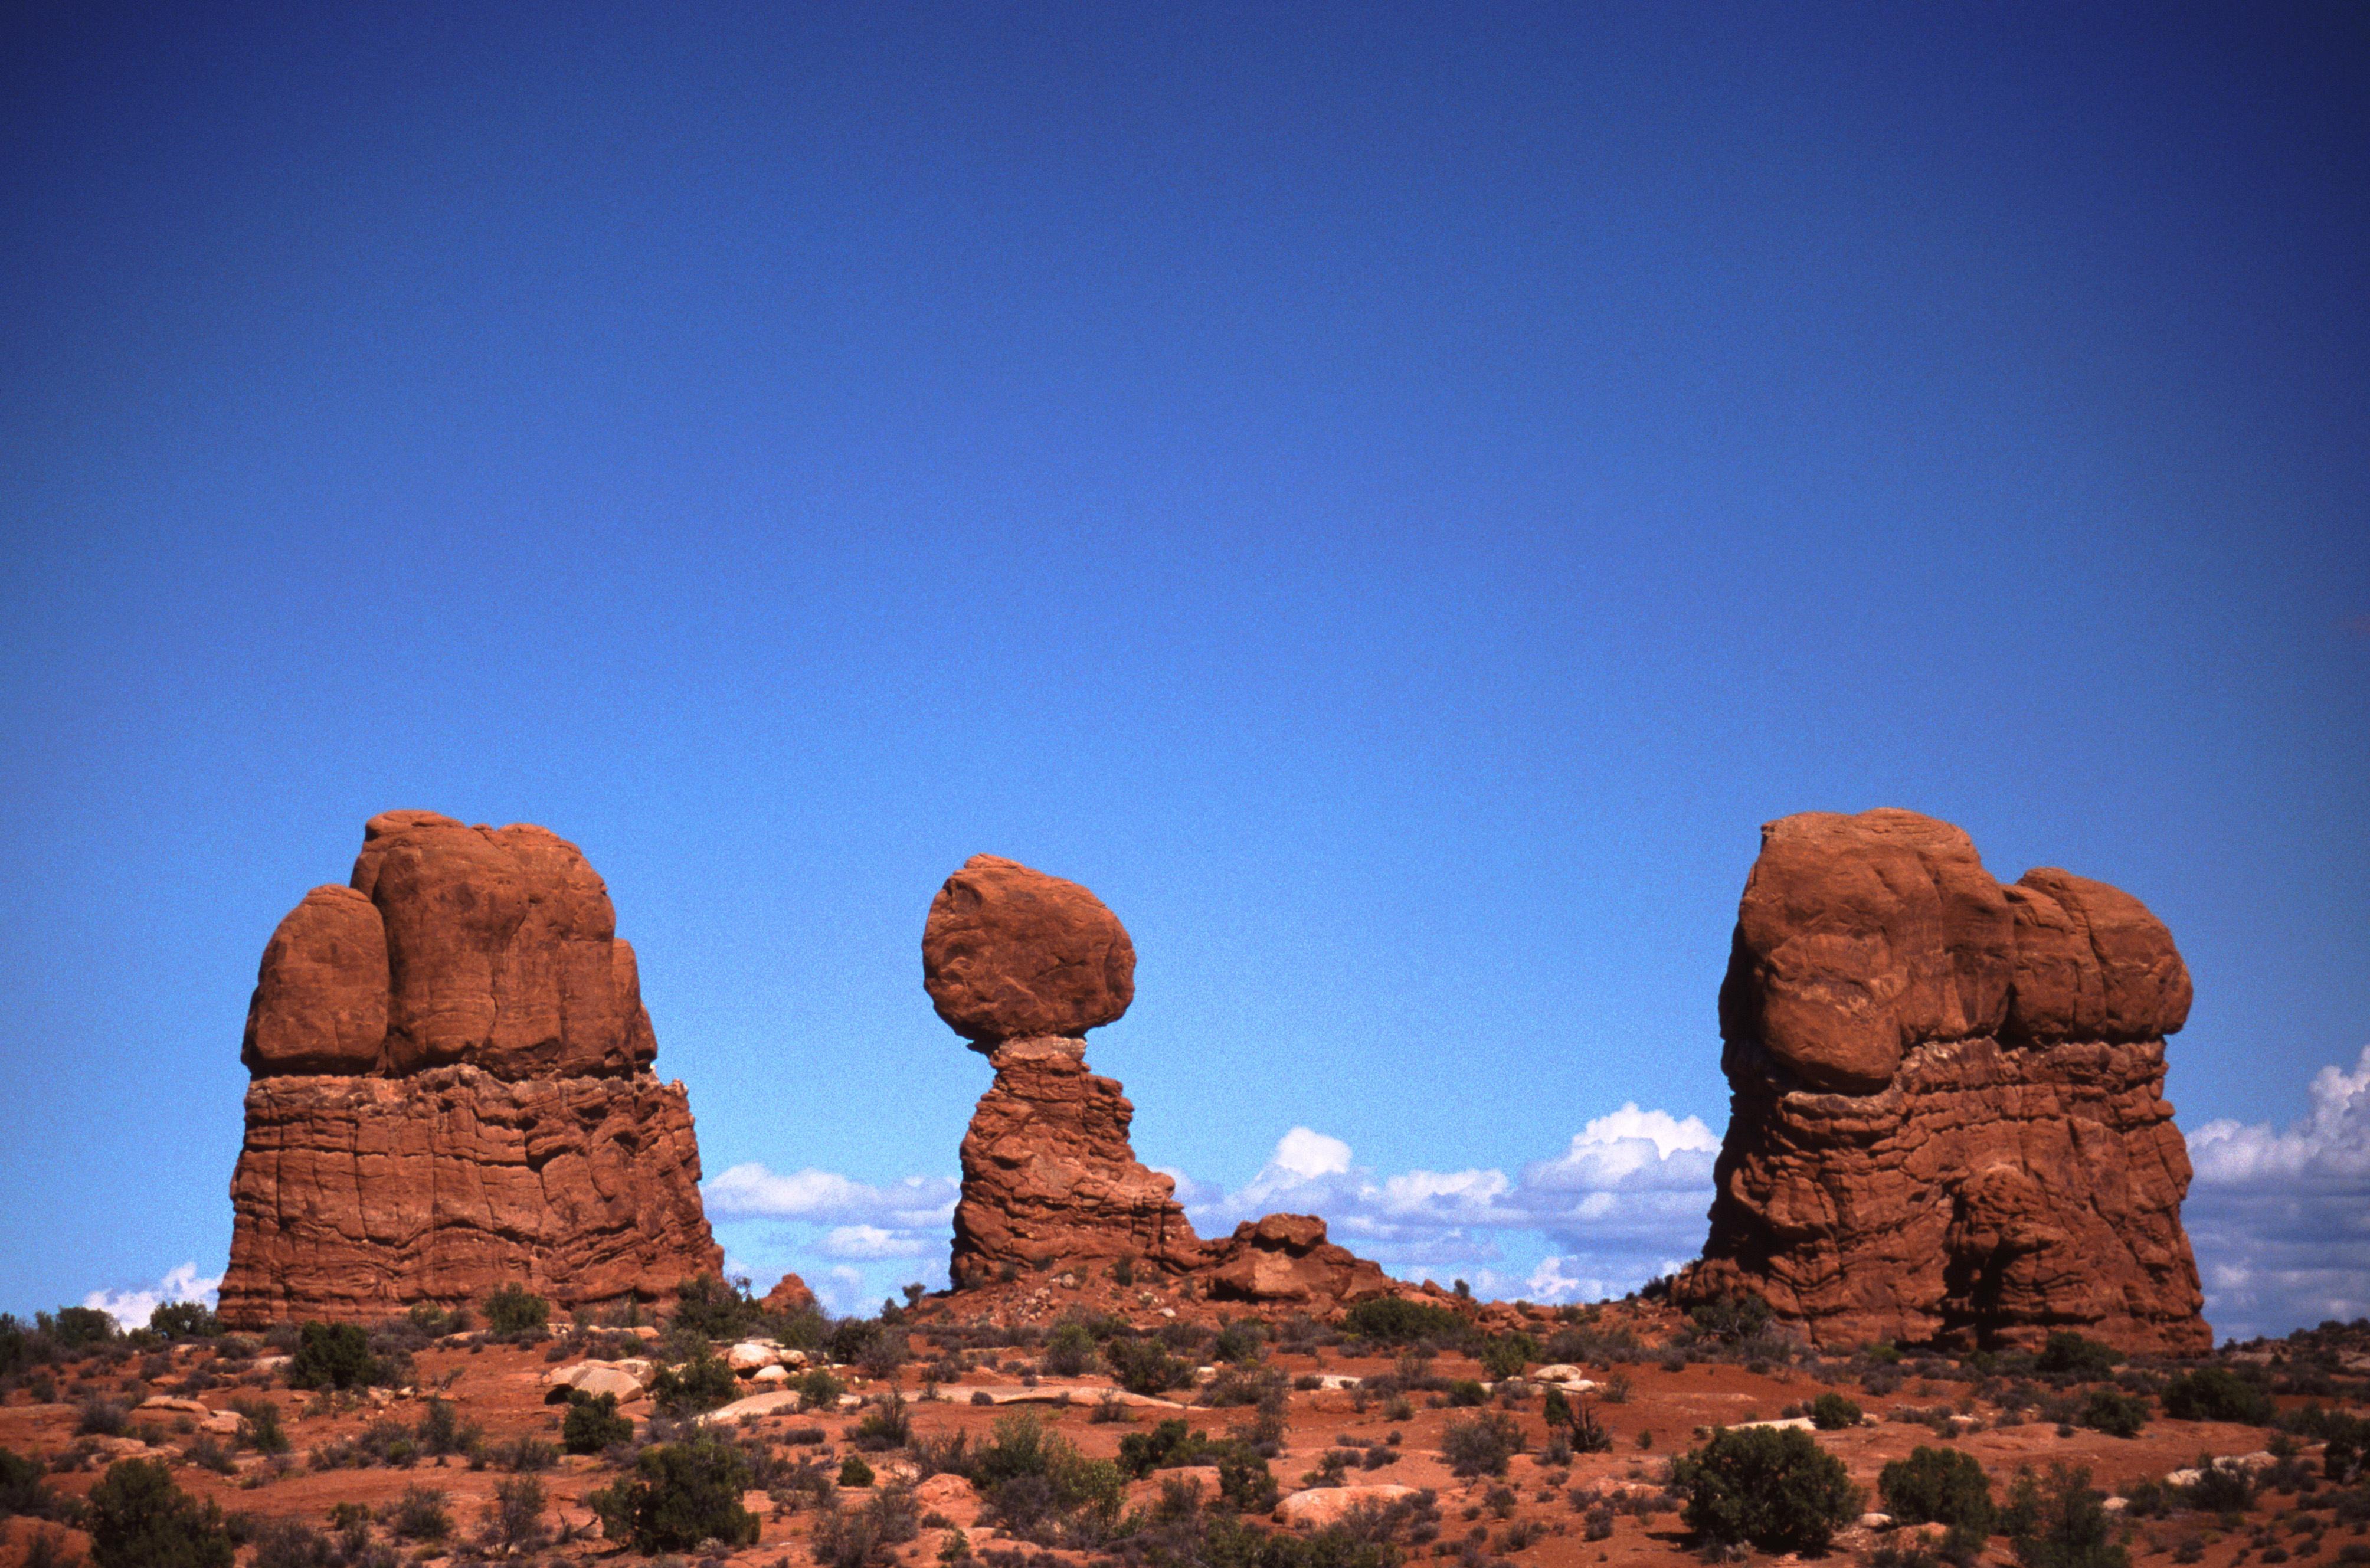 Unique rock formations, Arches National Park, Utah